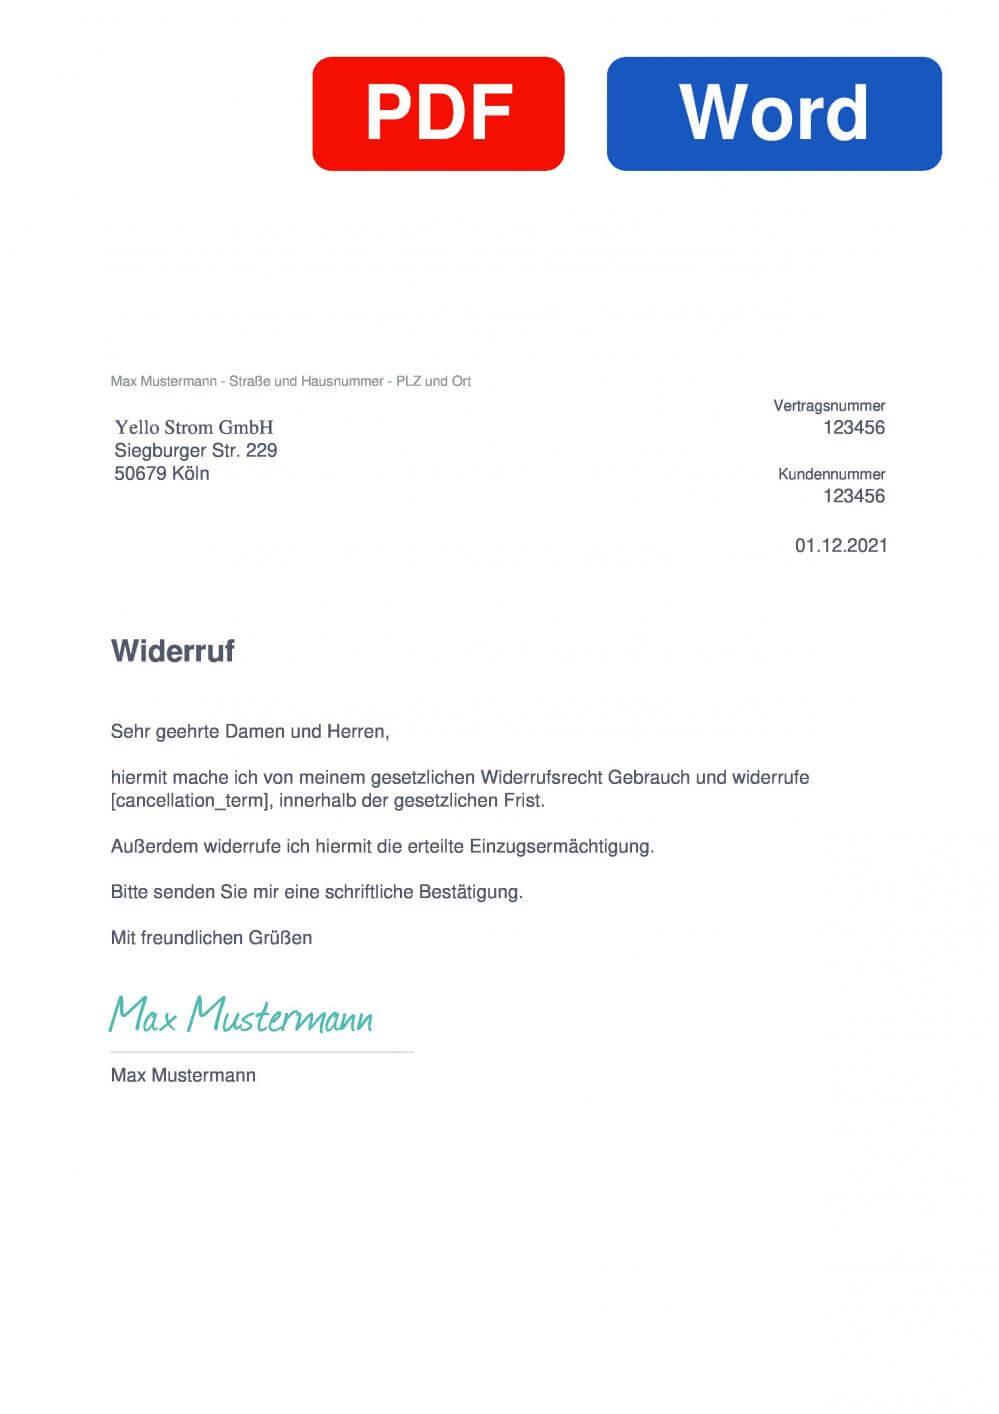 Yellow Muster Vorlage für Wiederrufsschreiben